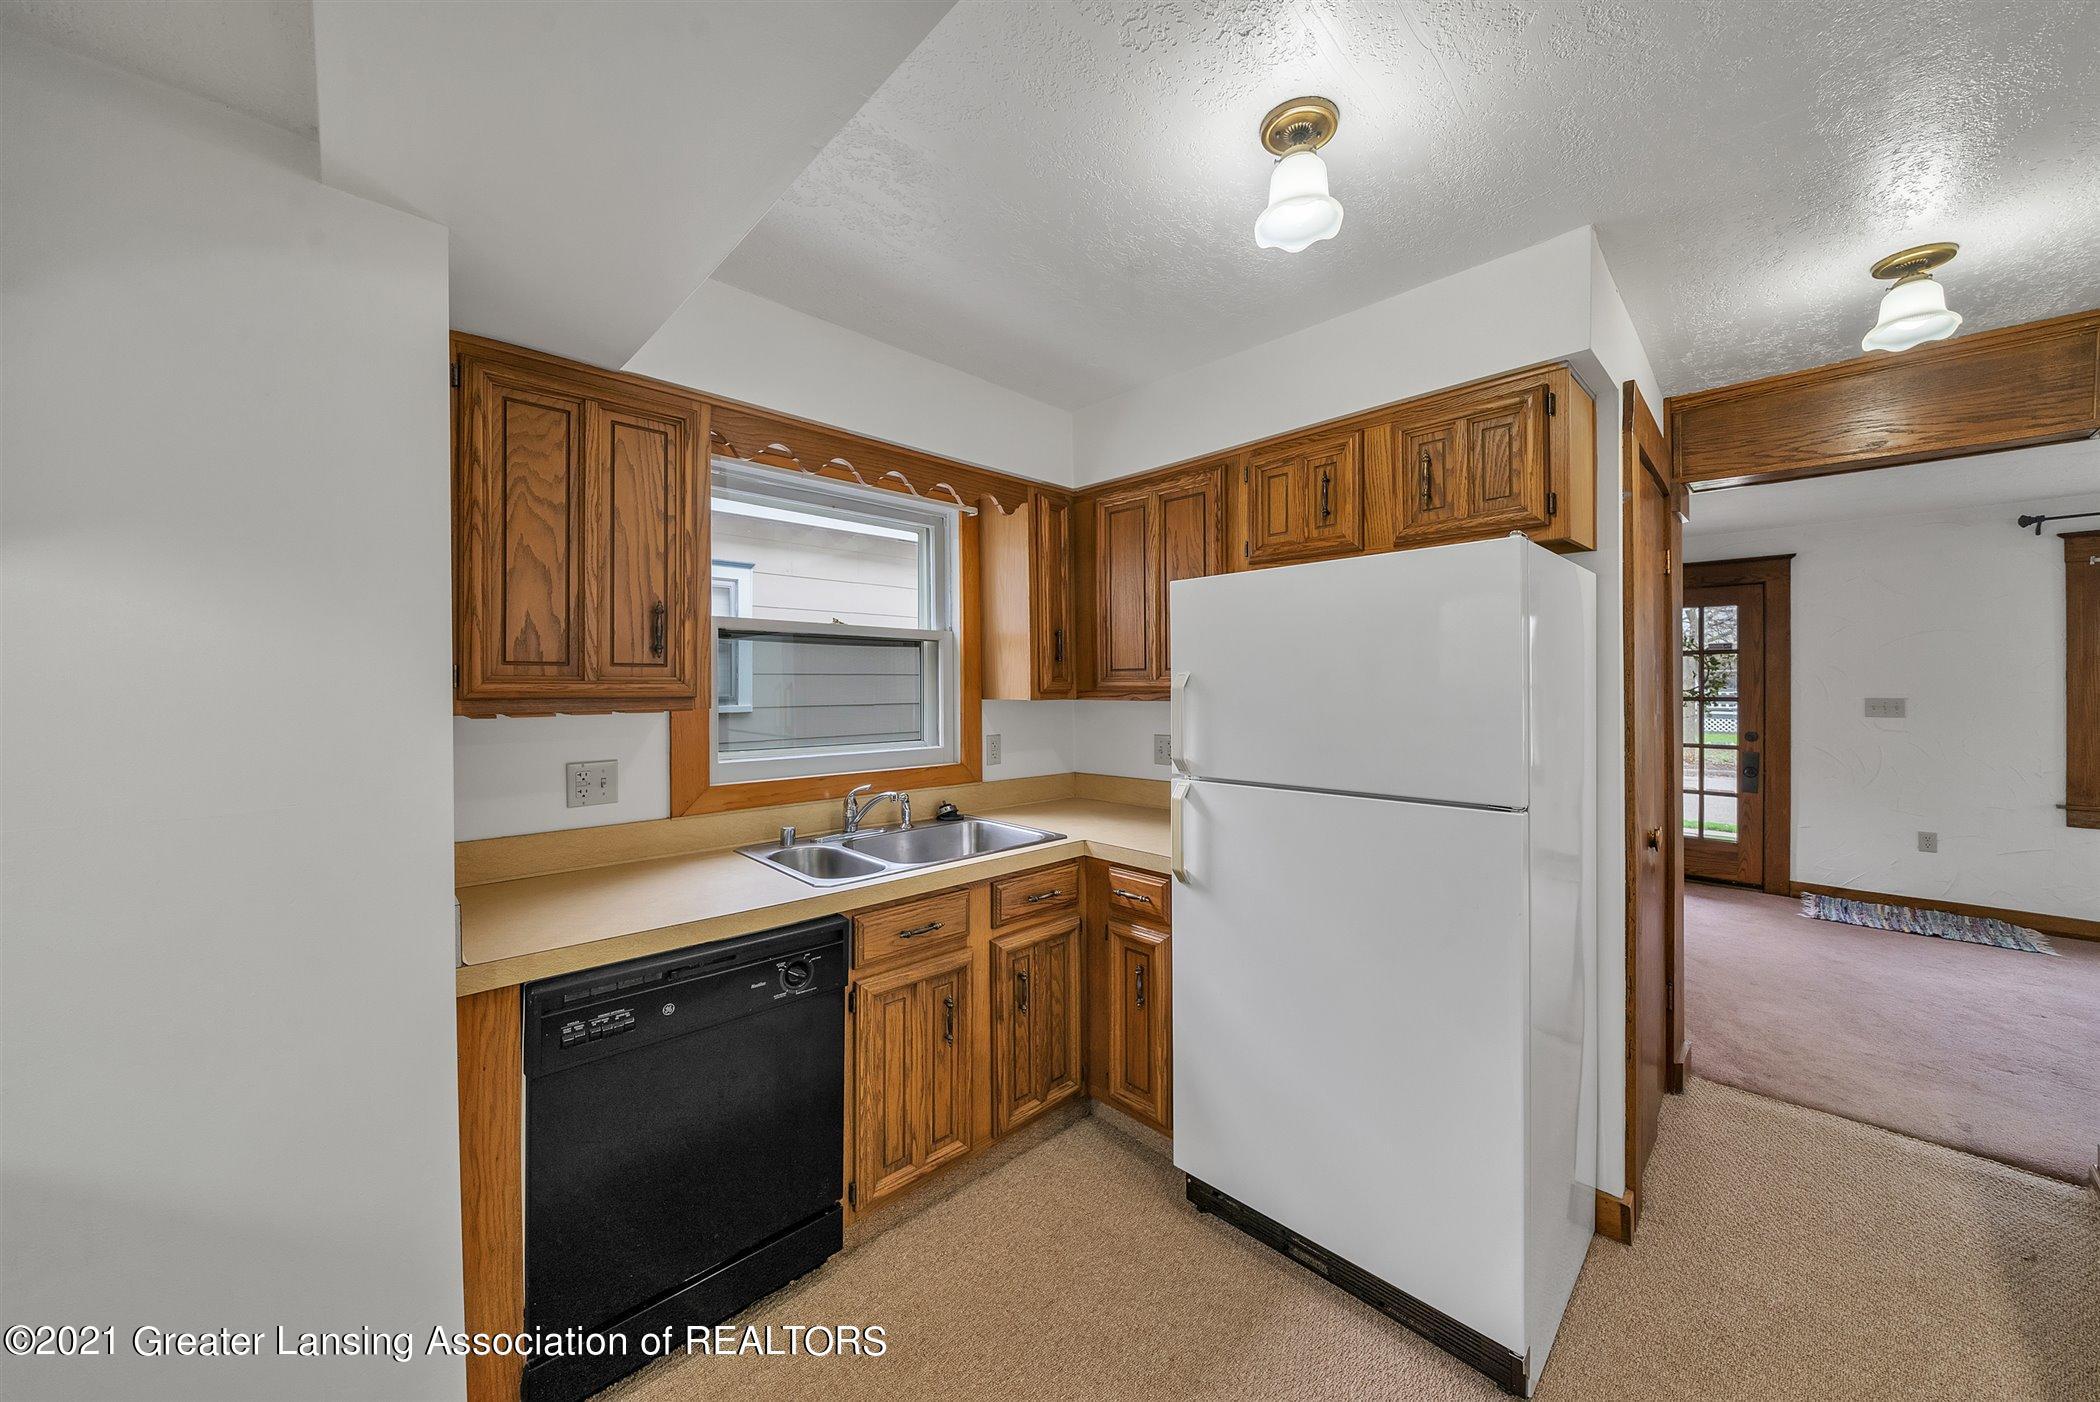 726 N Magnolia Ave - (7) MAIN FLOOR Kitchen - 9